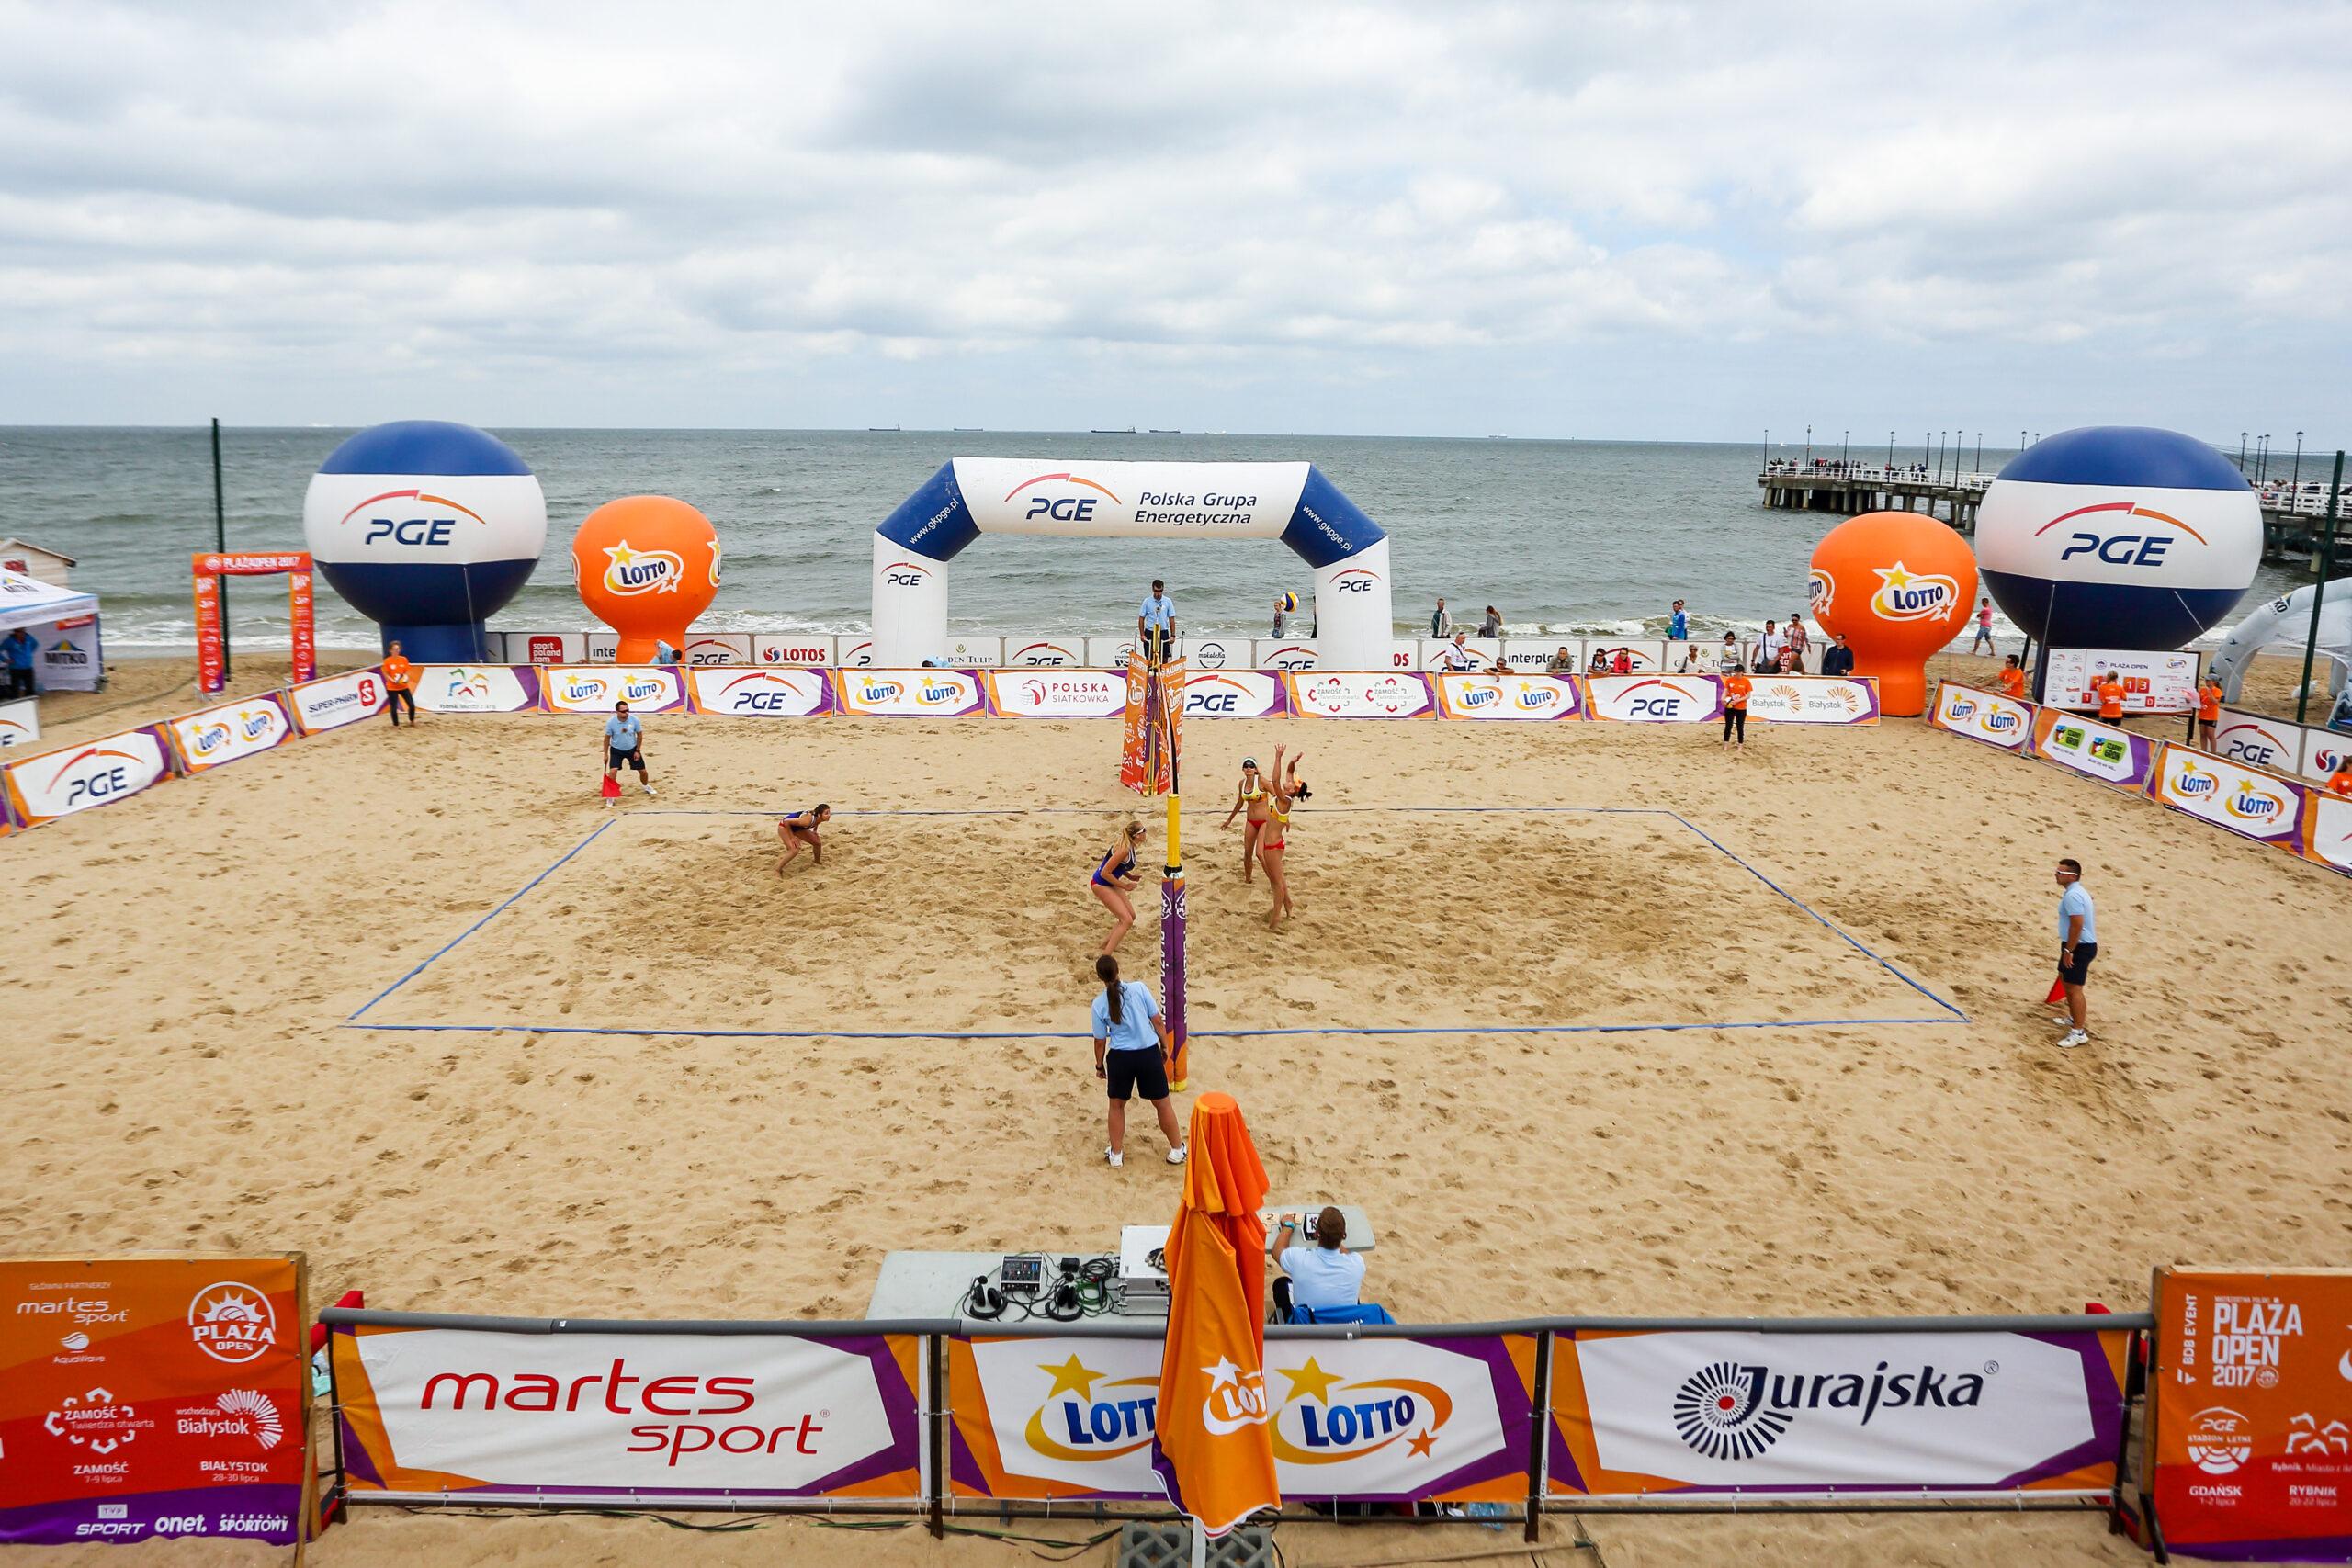 Plaża Open 2017 Gdańsk